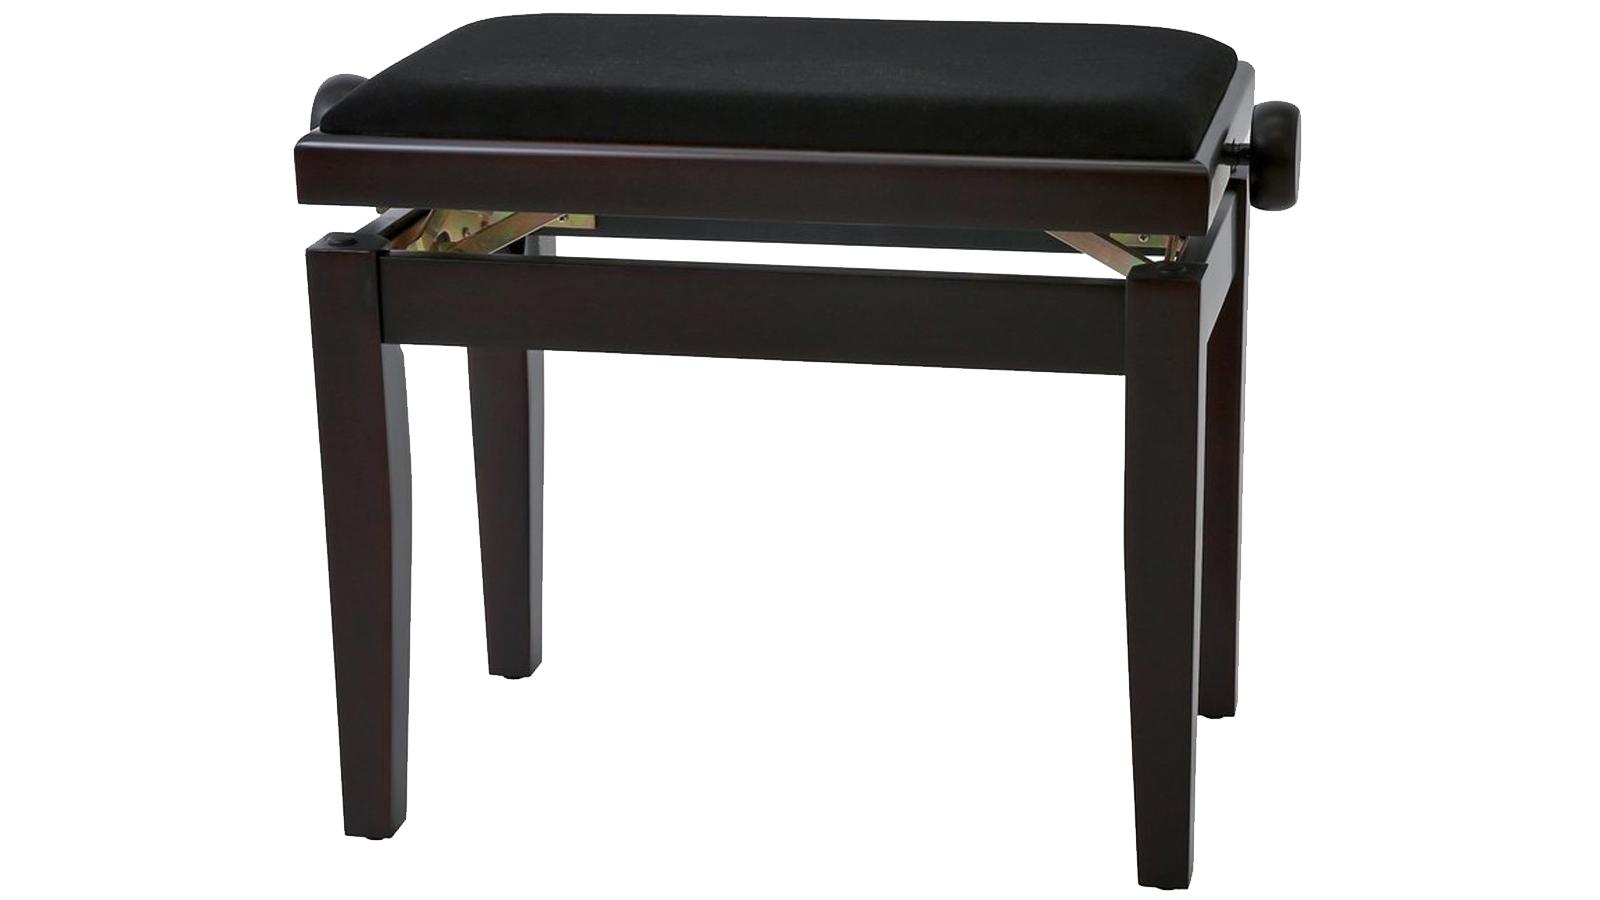 Pianobank RW rosenholz